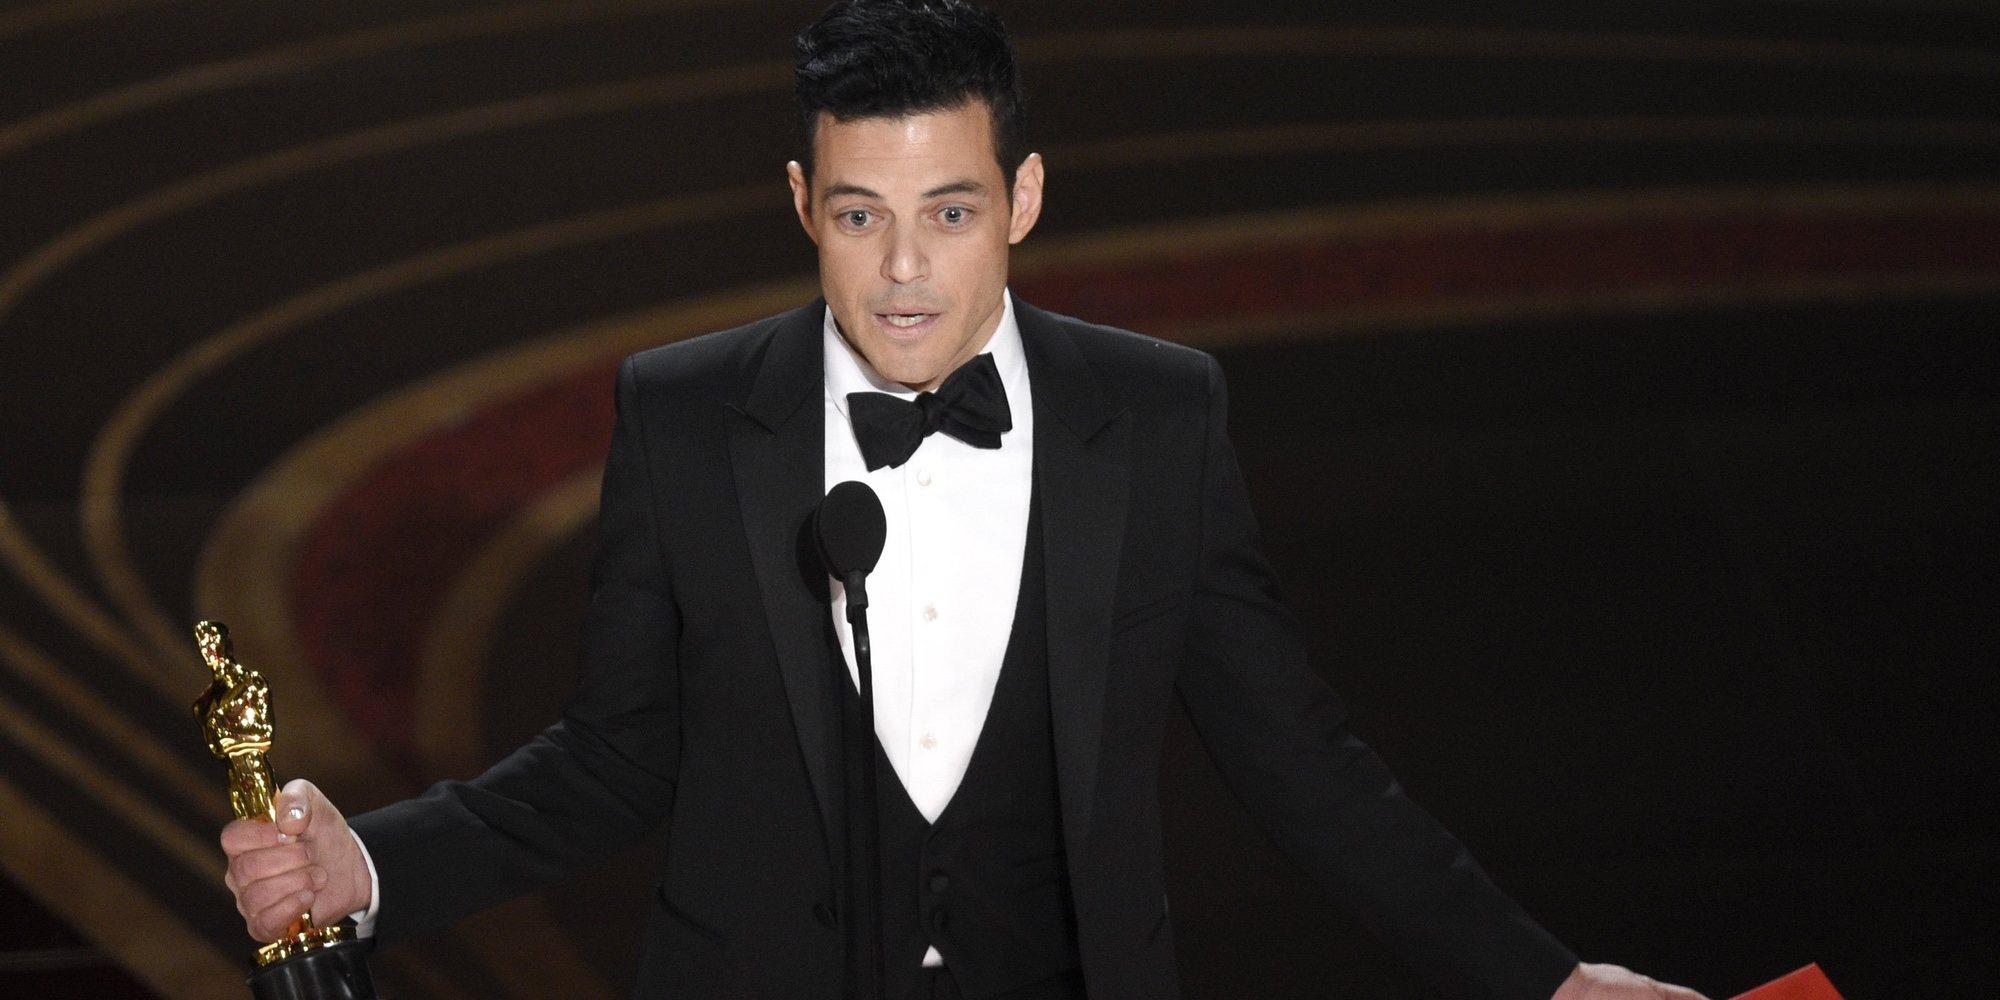 La aparatosa caída de Rami Malek tras recibir el Oscar 2019 al Mejor Actor por 'Bohemian Rhapsody'